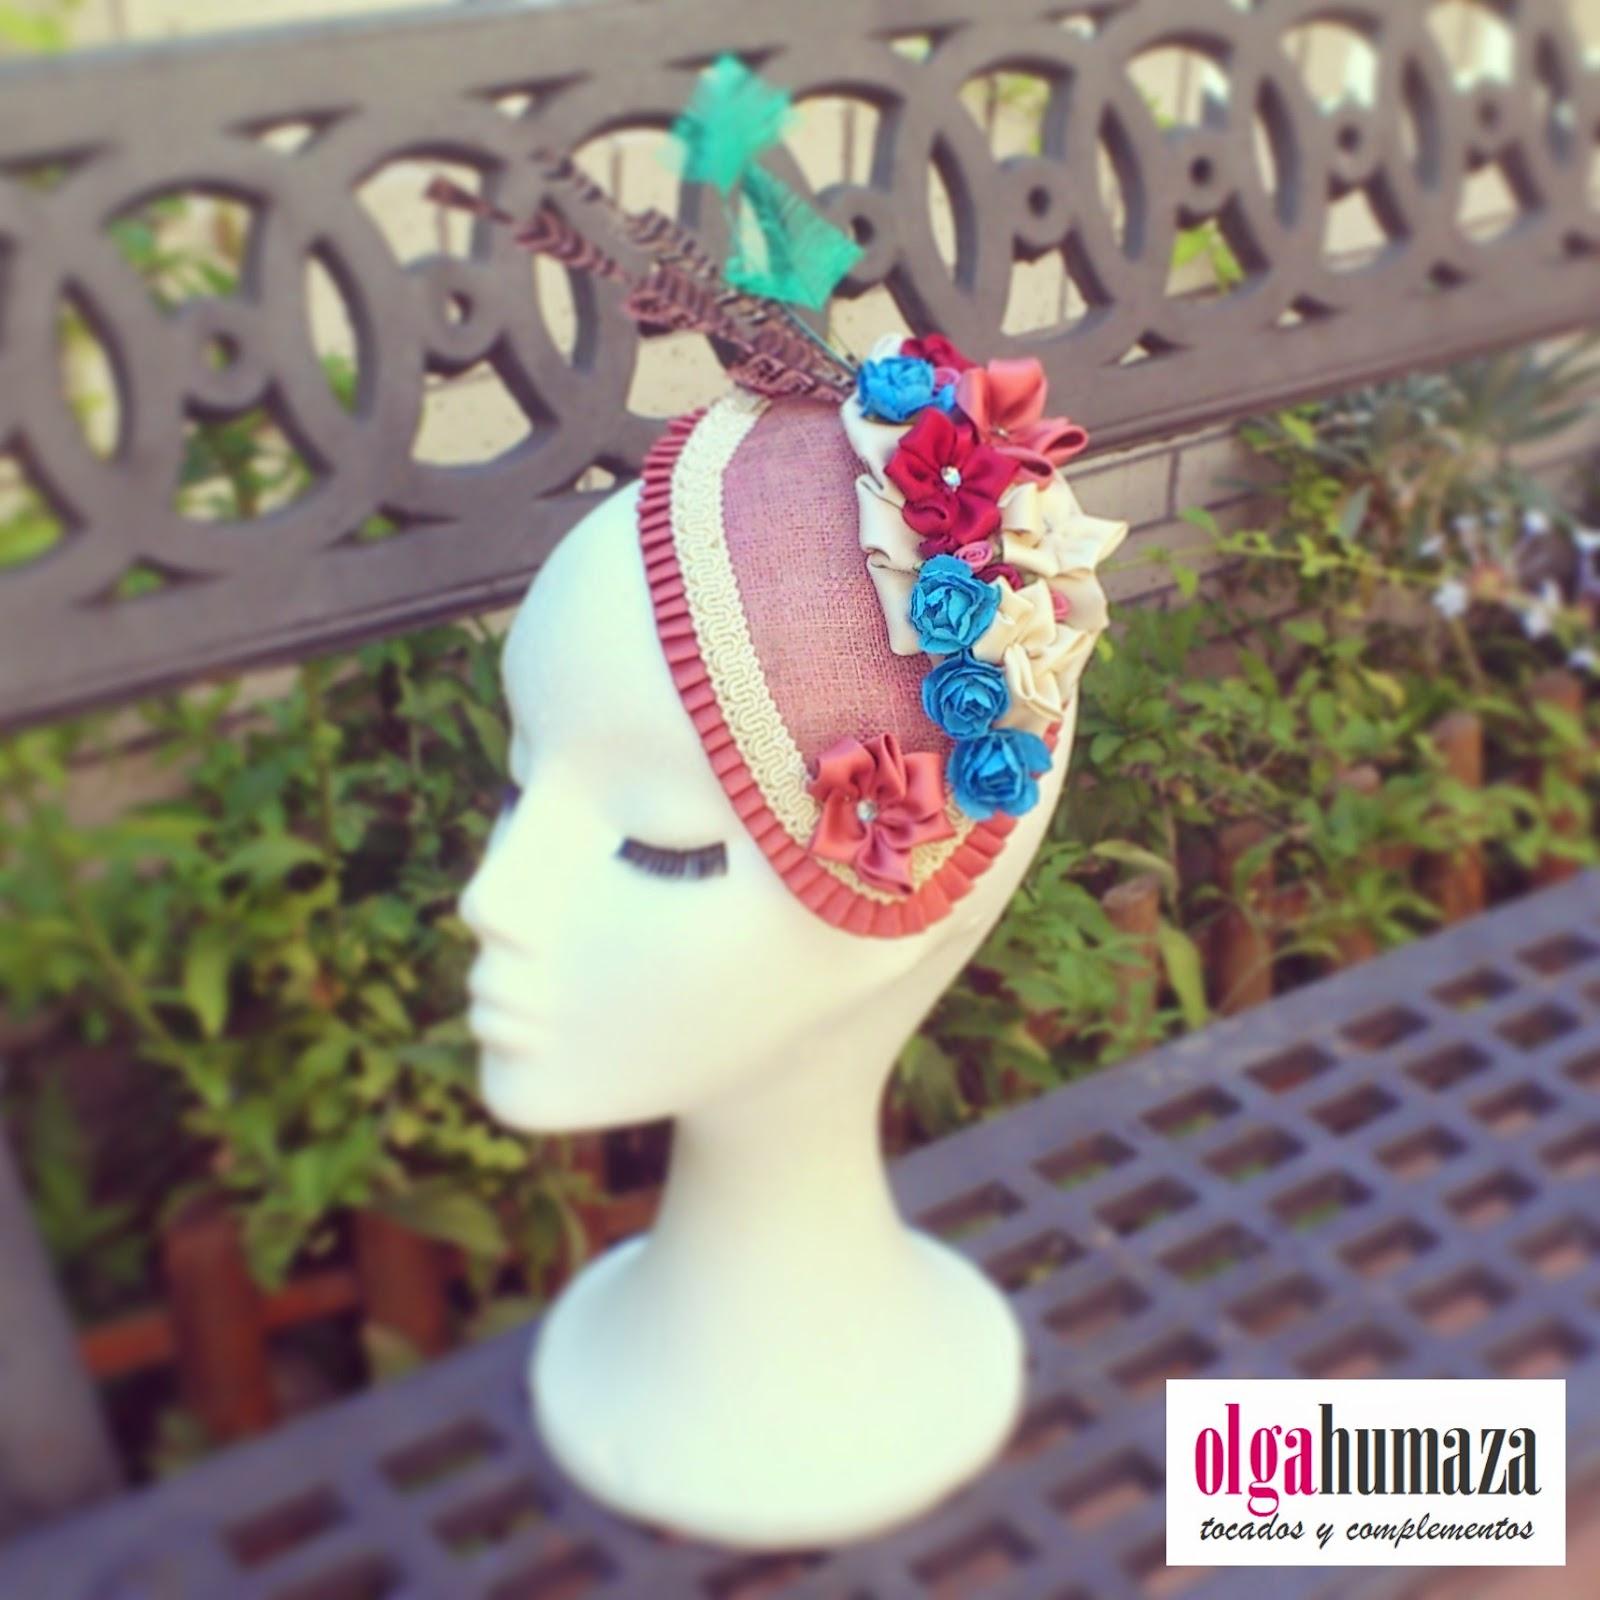 http://olgahumaza.blogspot.com.es/2014/07/b52-tocado-vintage-en-rosa-palo-y.html